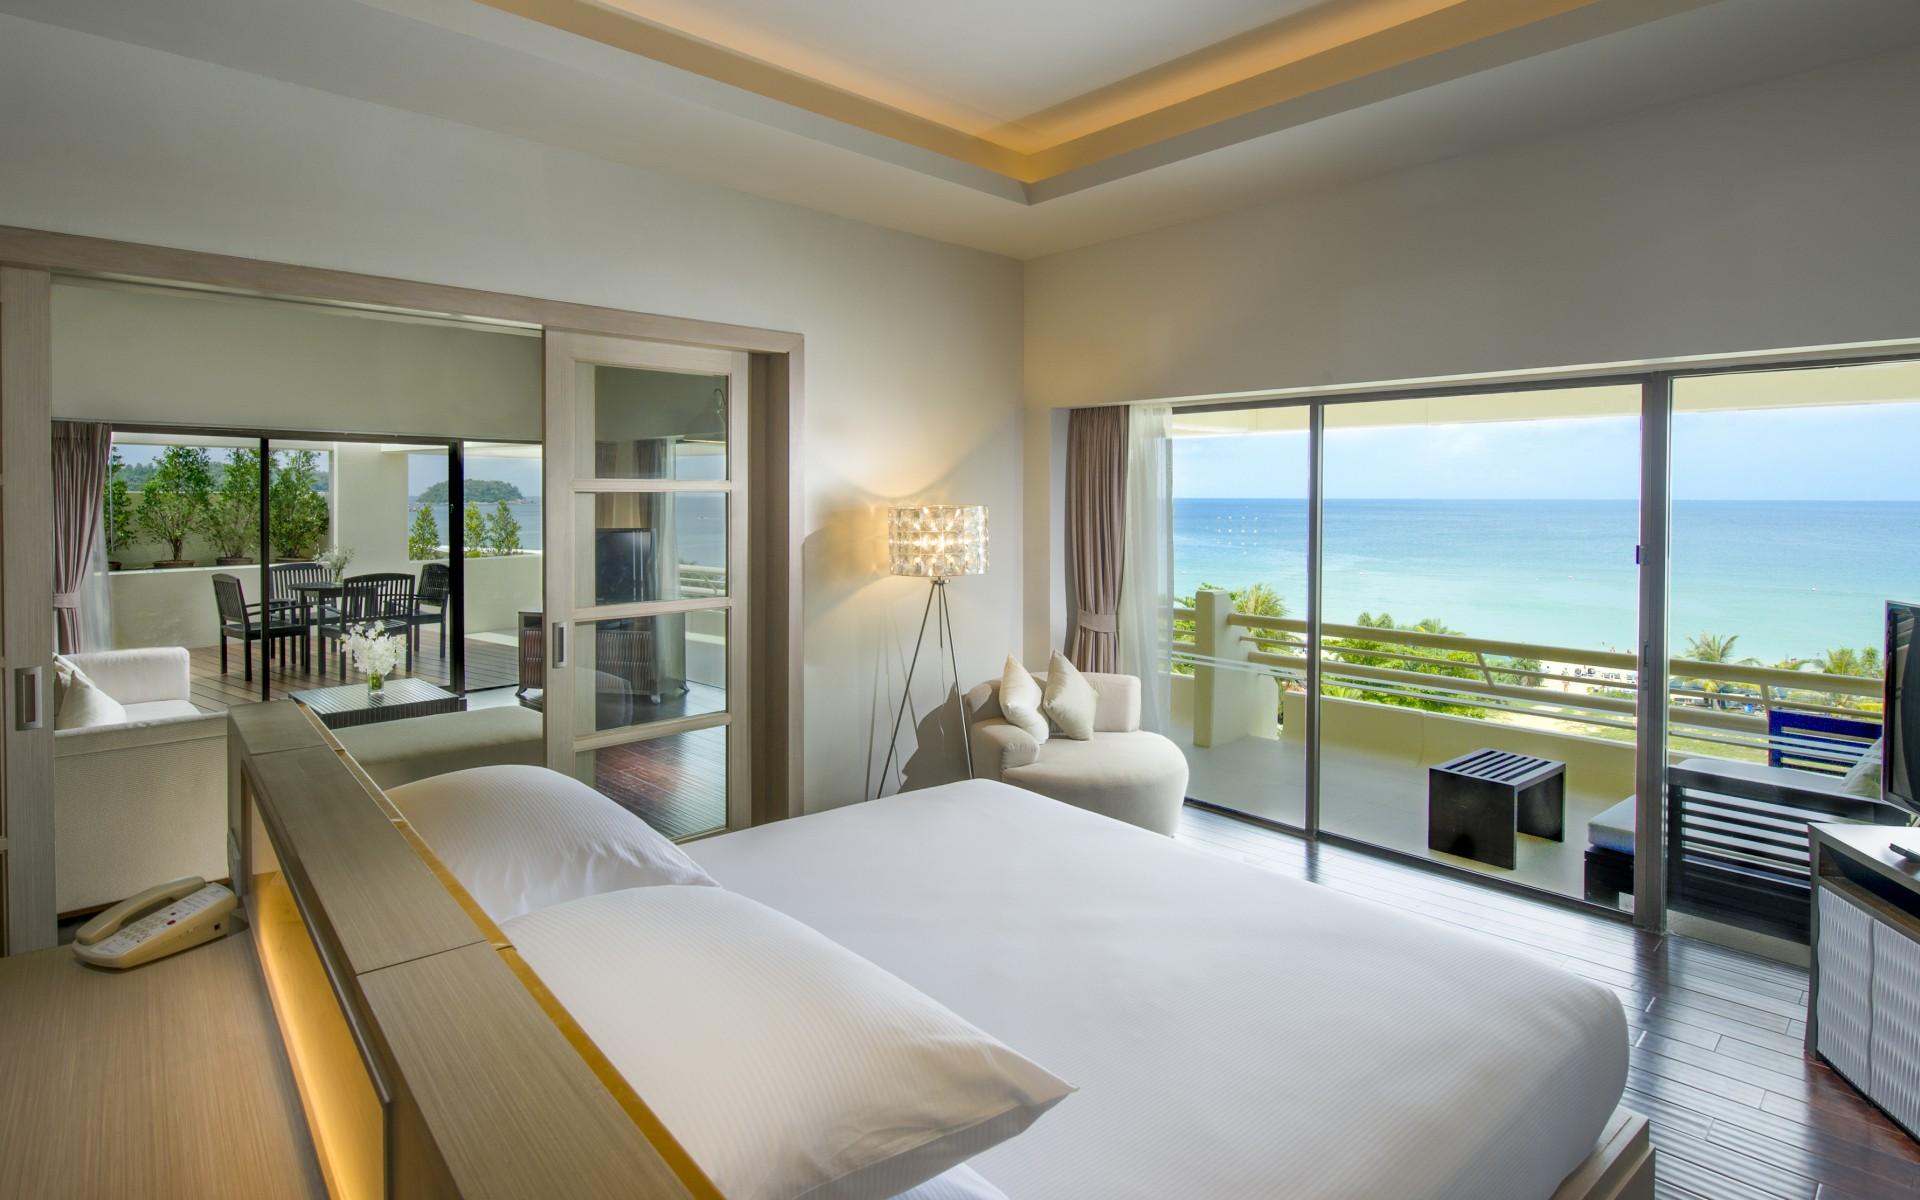 Hilton открывает сеть эконом отелей